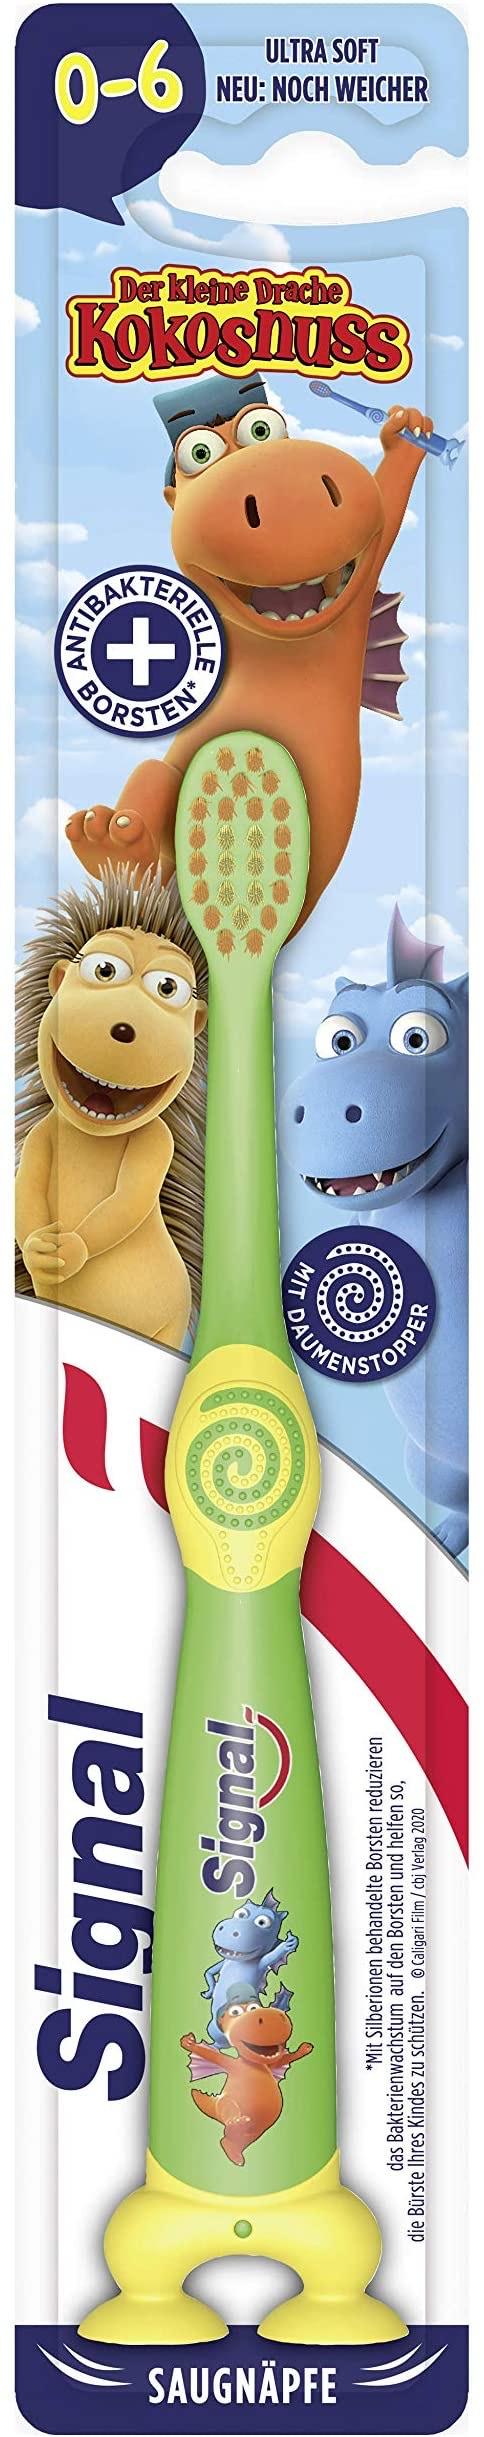 Signal Kids Zahnbürste für Kinder von 0 bis 6 Jahren Ultra Soft mit Saugnäpfen im Spar-Abo